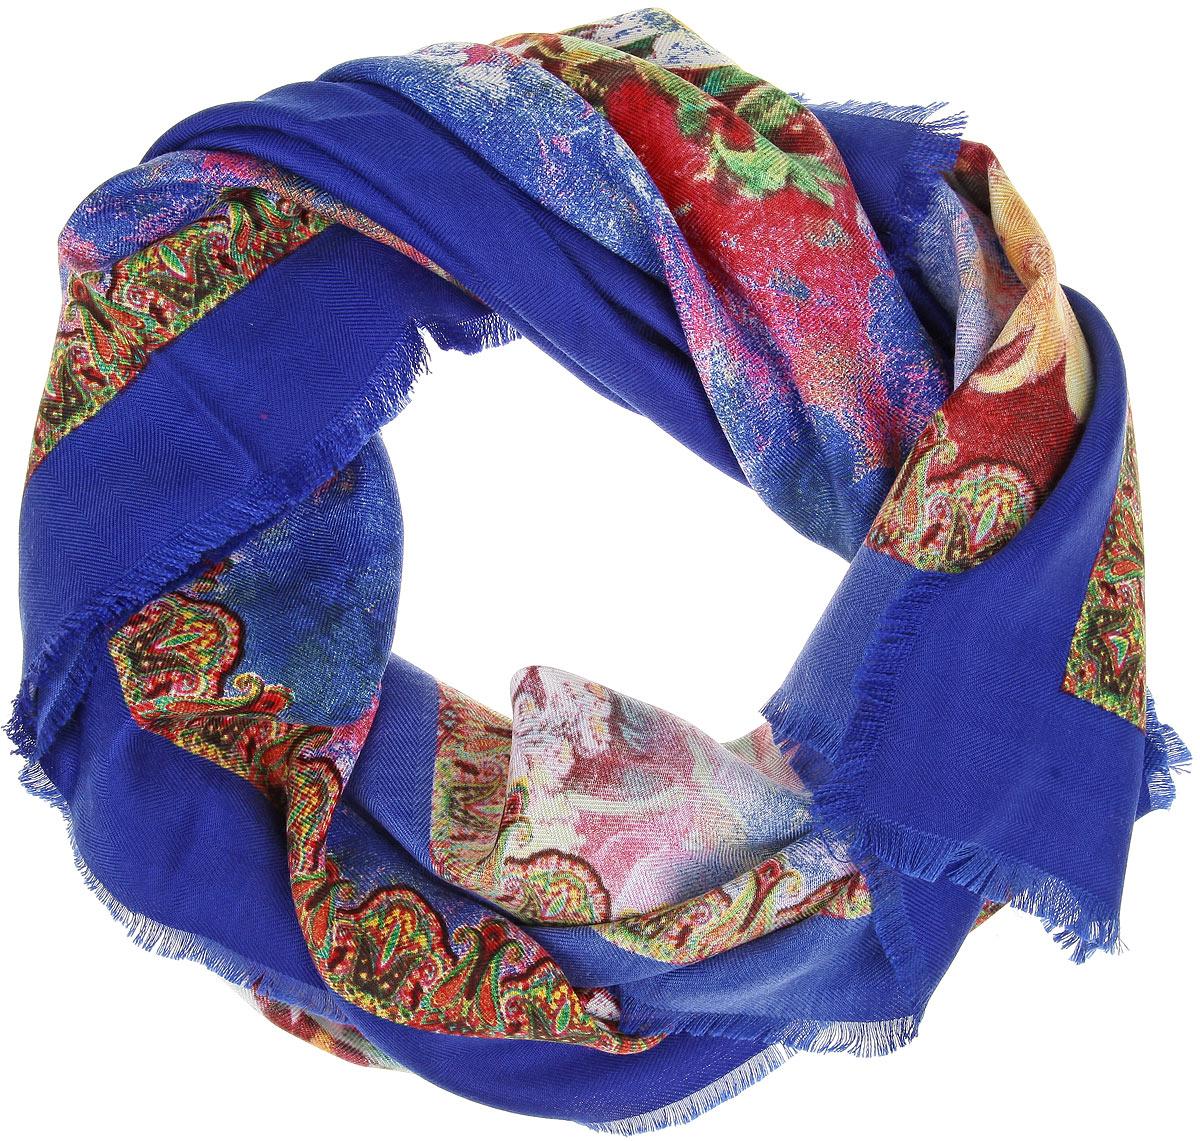 Платок женский Sophie Ramage, цвет: синий, мультиколор. BH-11524-3. Размер 90 см х 90 смBH-11524-3Платок Sophie Ramage, выполненный из модала с добавлением кашемира, идеально дополнит образ современной женщины. Благодаря своему составу, он удивительно мягкий и очень приятный на ощупь. Модель оформлена ярким цветочным принтом, а по краям декорирована короткой бахромой. Классическая квадратная форма позволяет носить платок на шее, украшать им прическу или декорировать сумочку. С этим платком вы всегда будете выглядеть стильно, ярко и привлекательно.